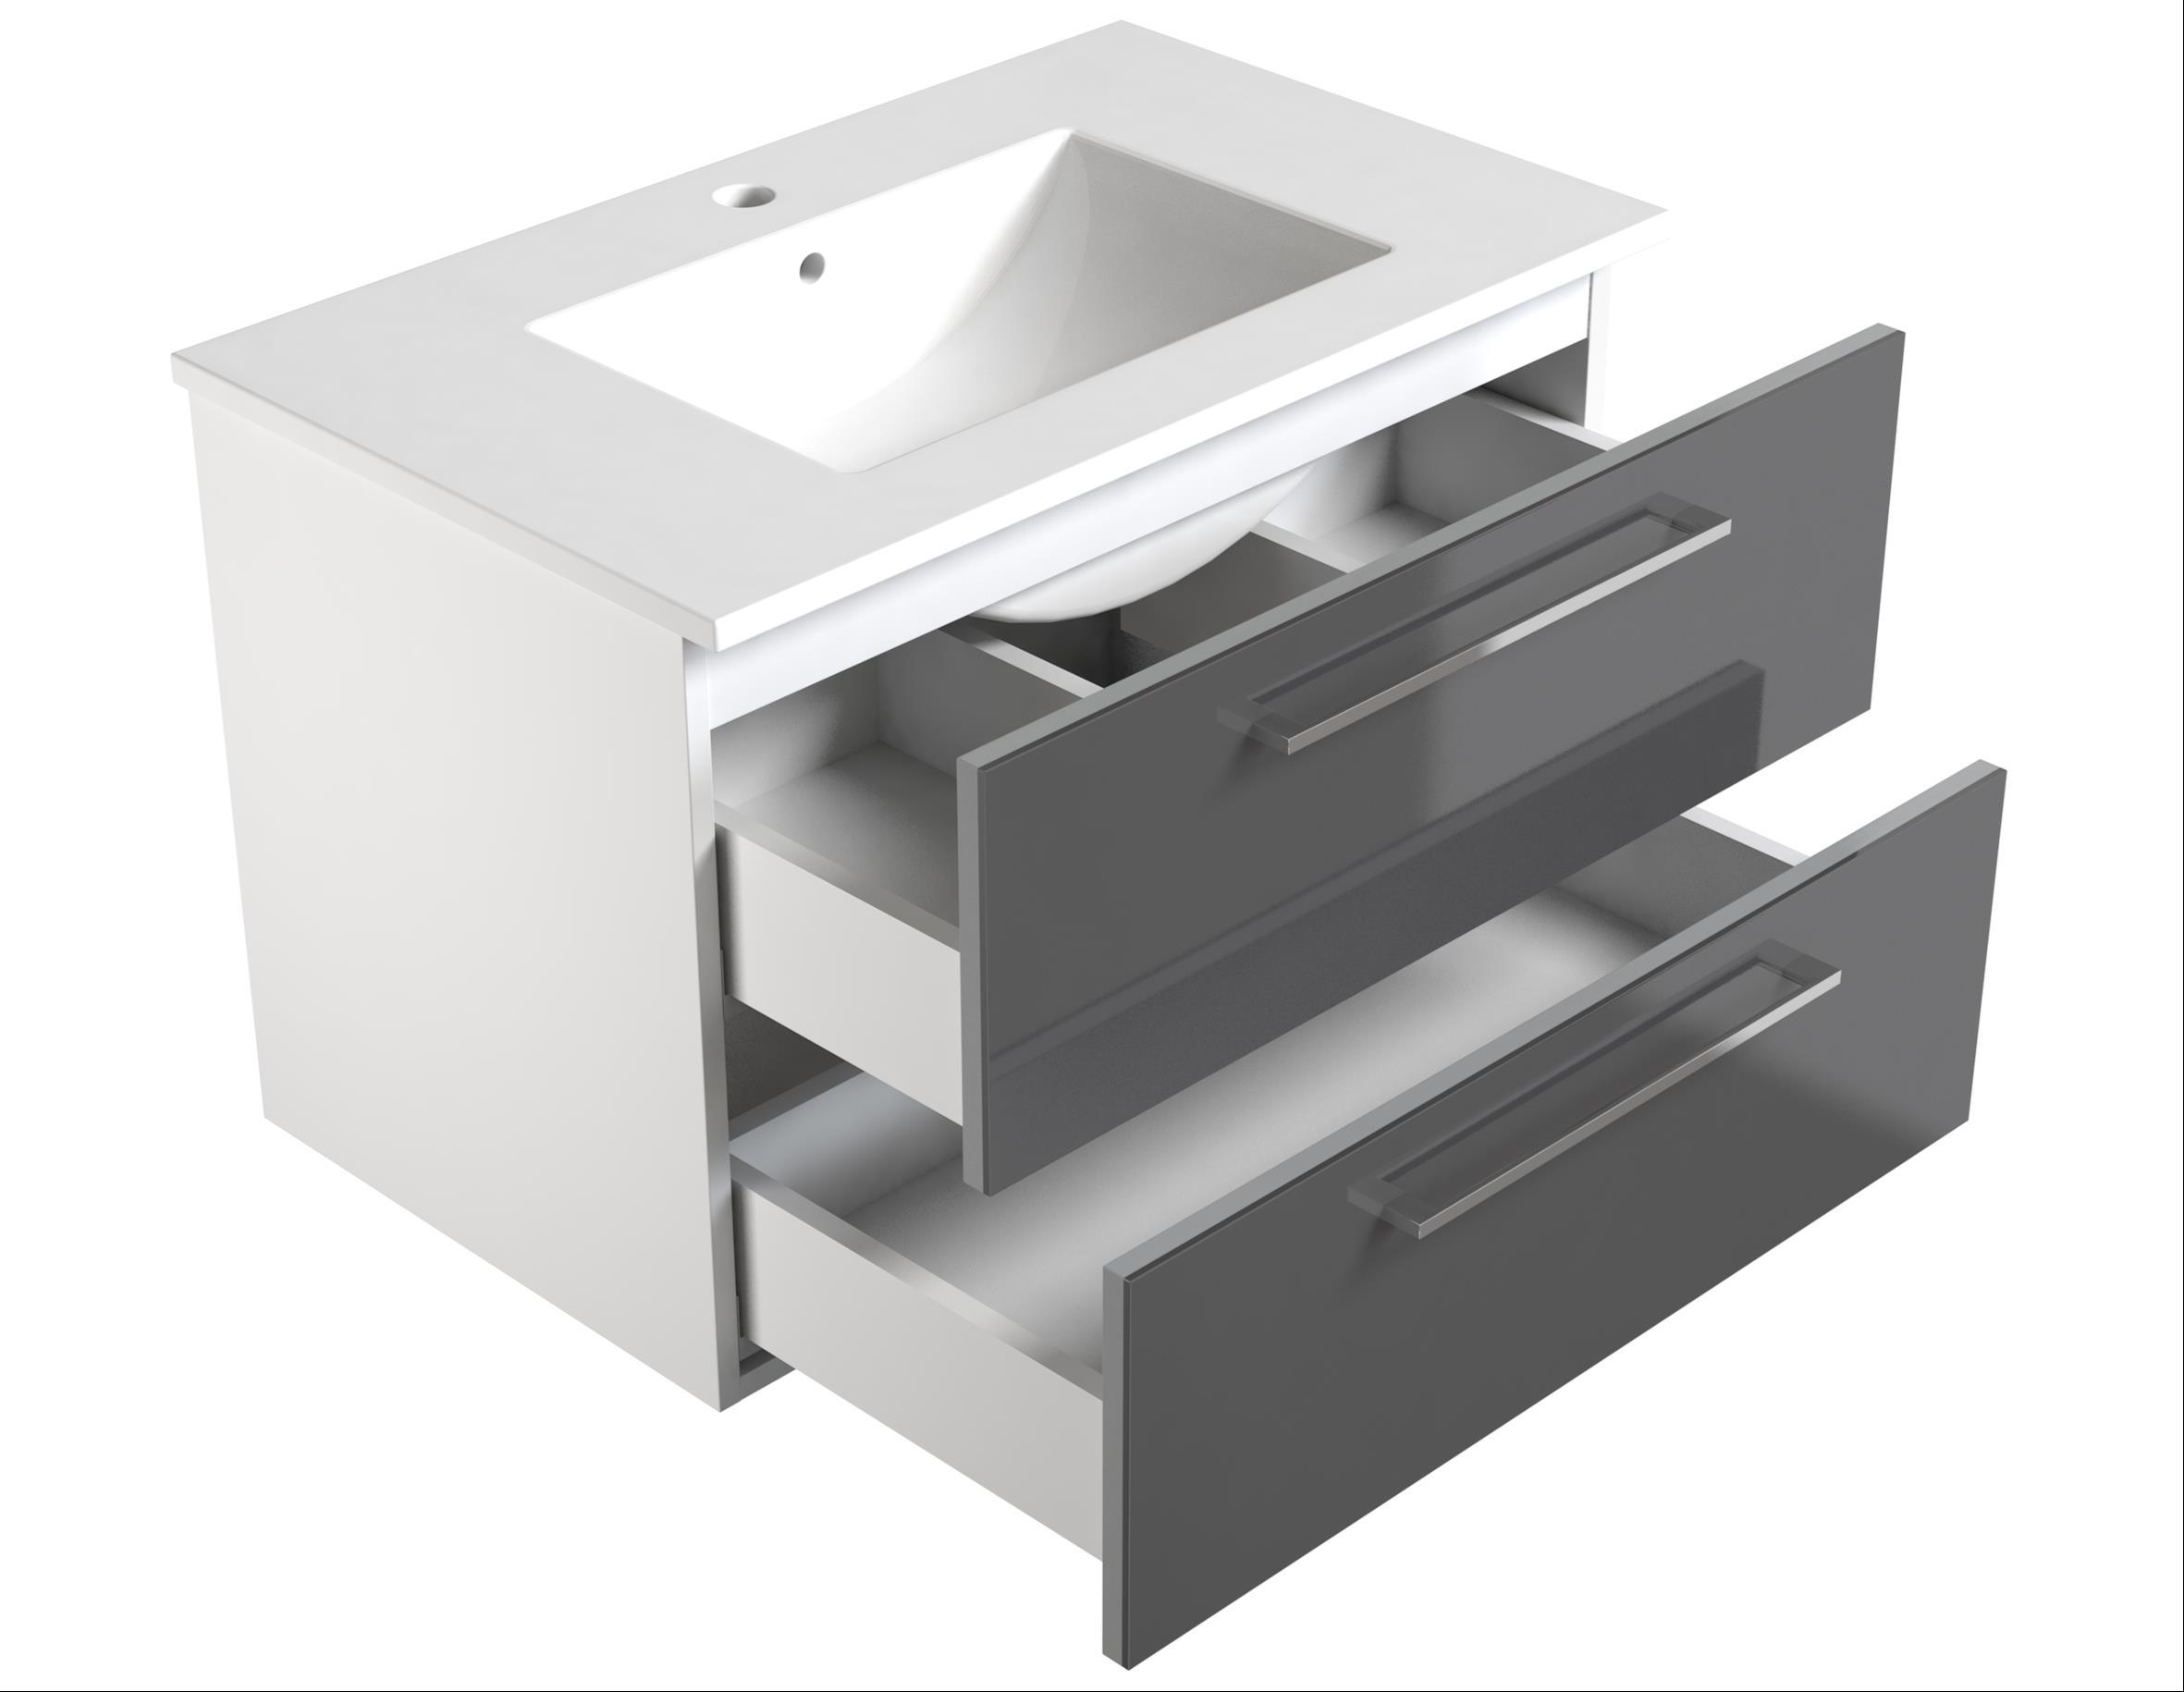 Bad Waschtischunterschrank mit Keramik-Waschtisch Allegro 76 Grau glänzend Bild 3